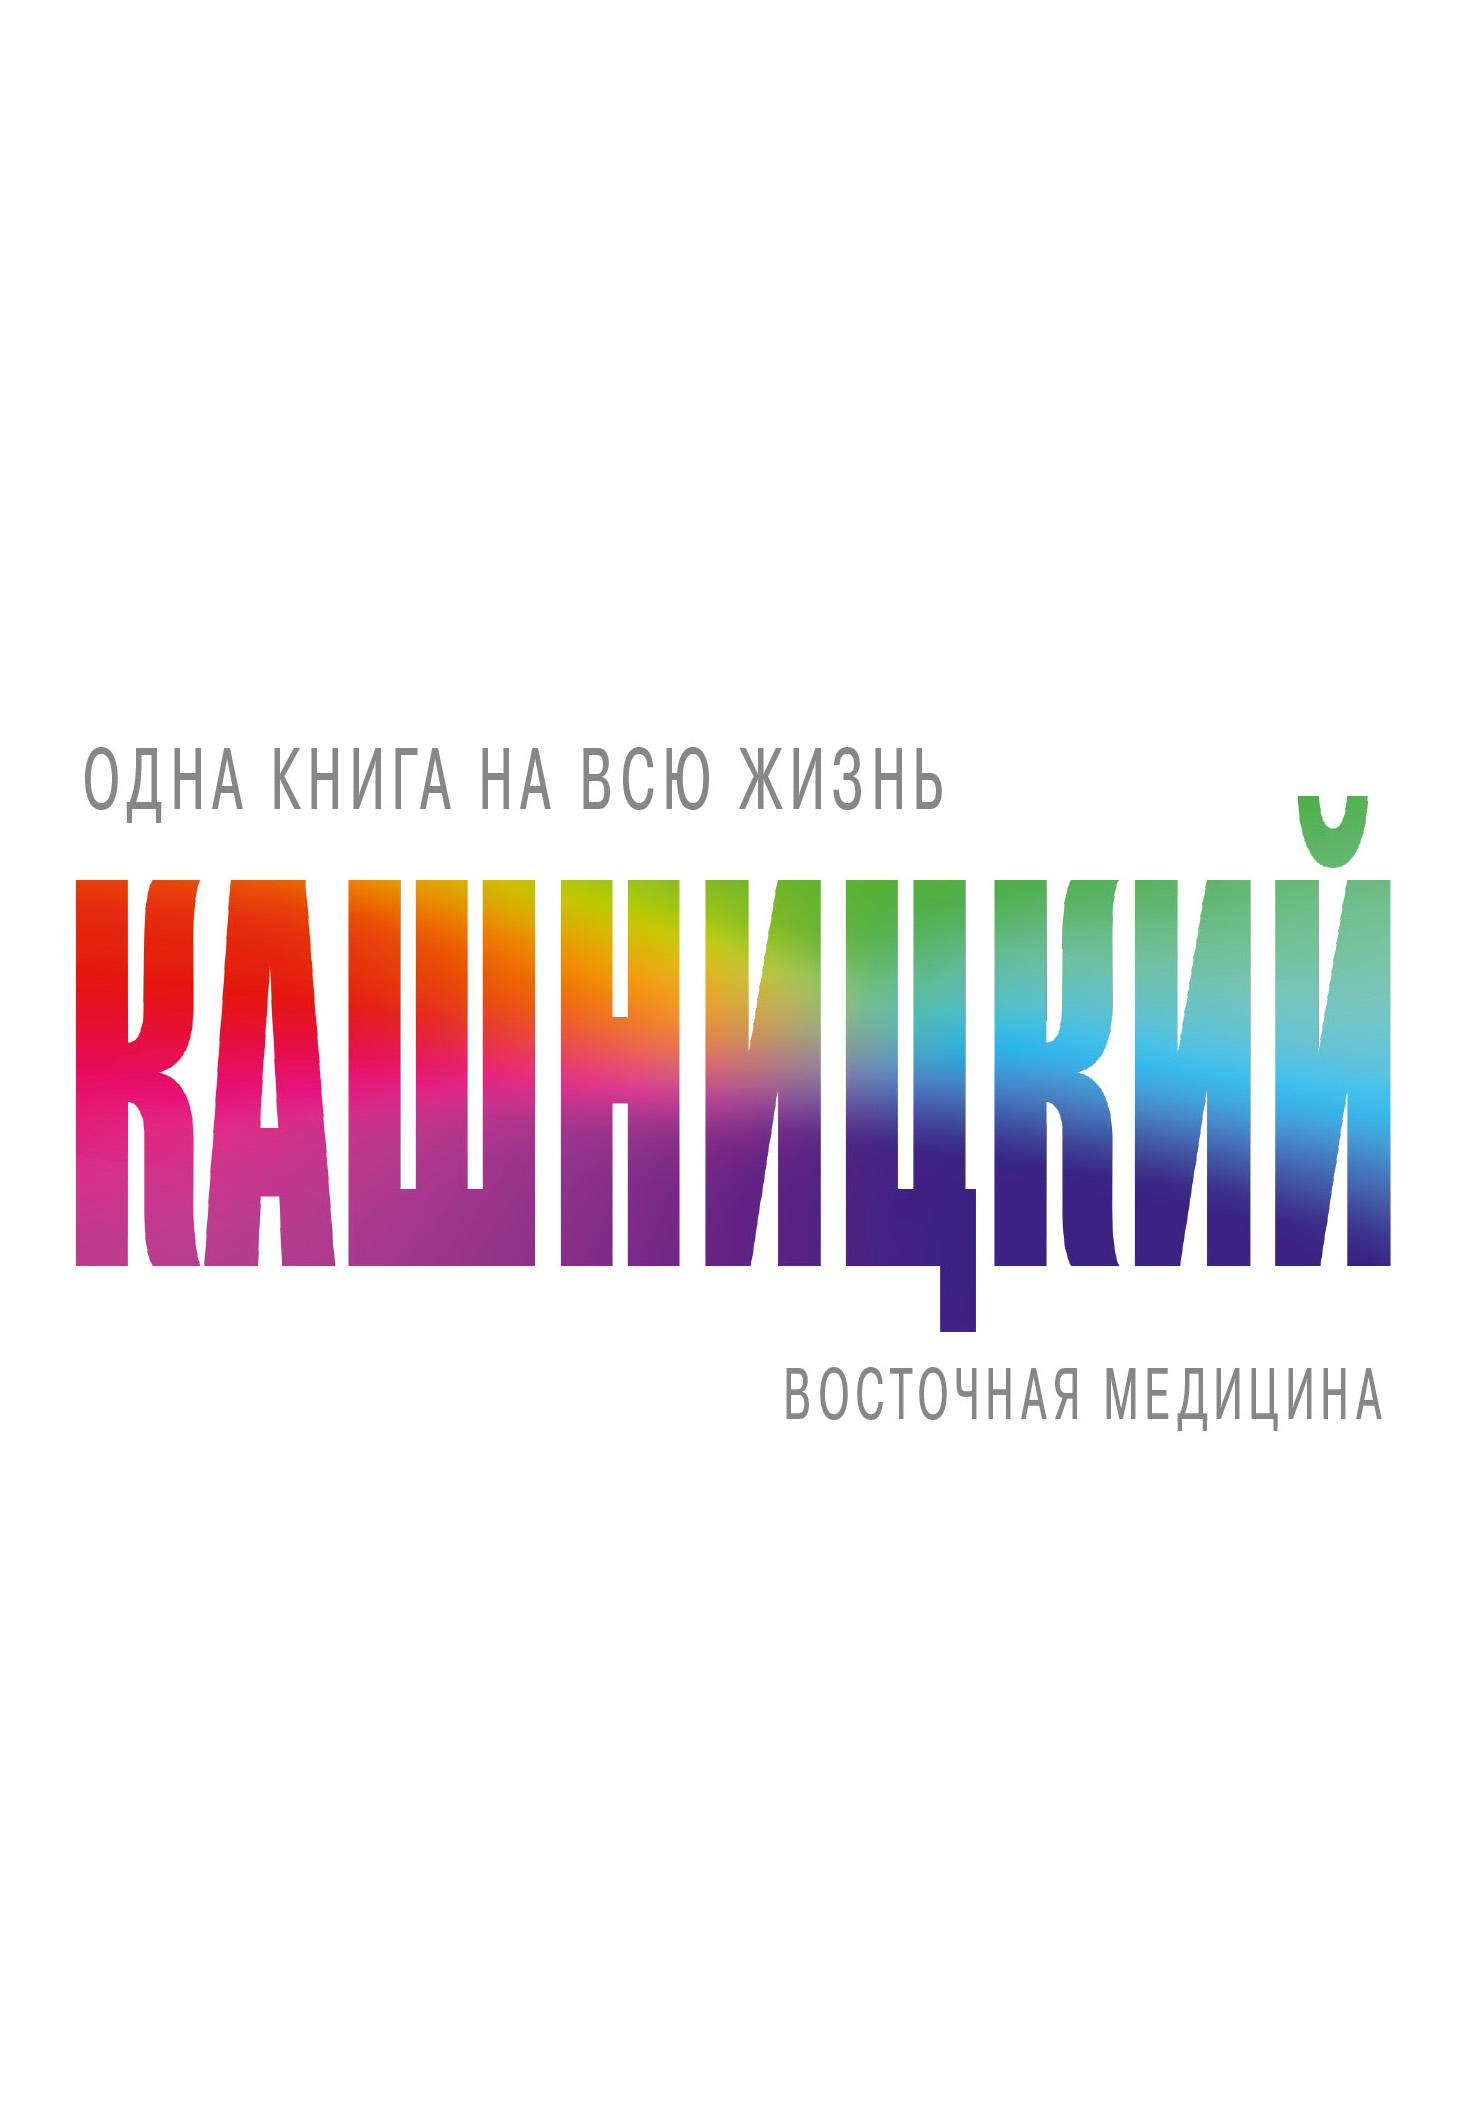 Савелий Кашницкий Восточная медицина